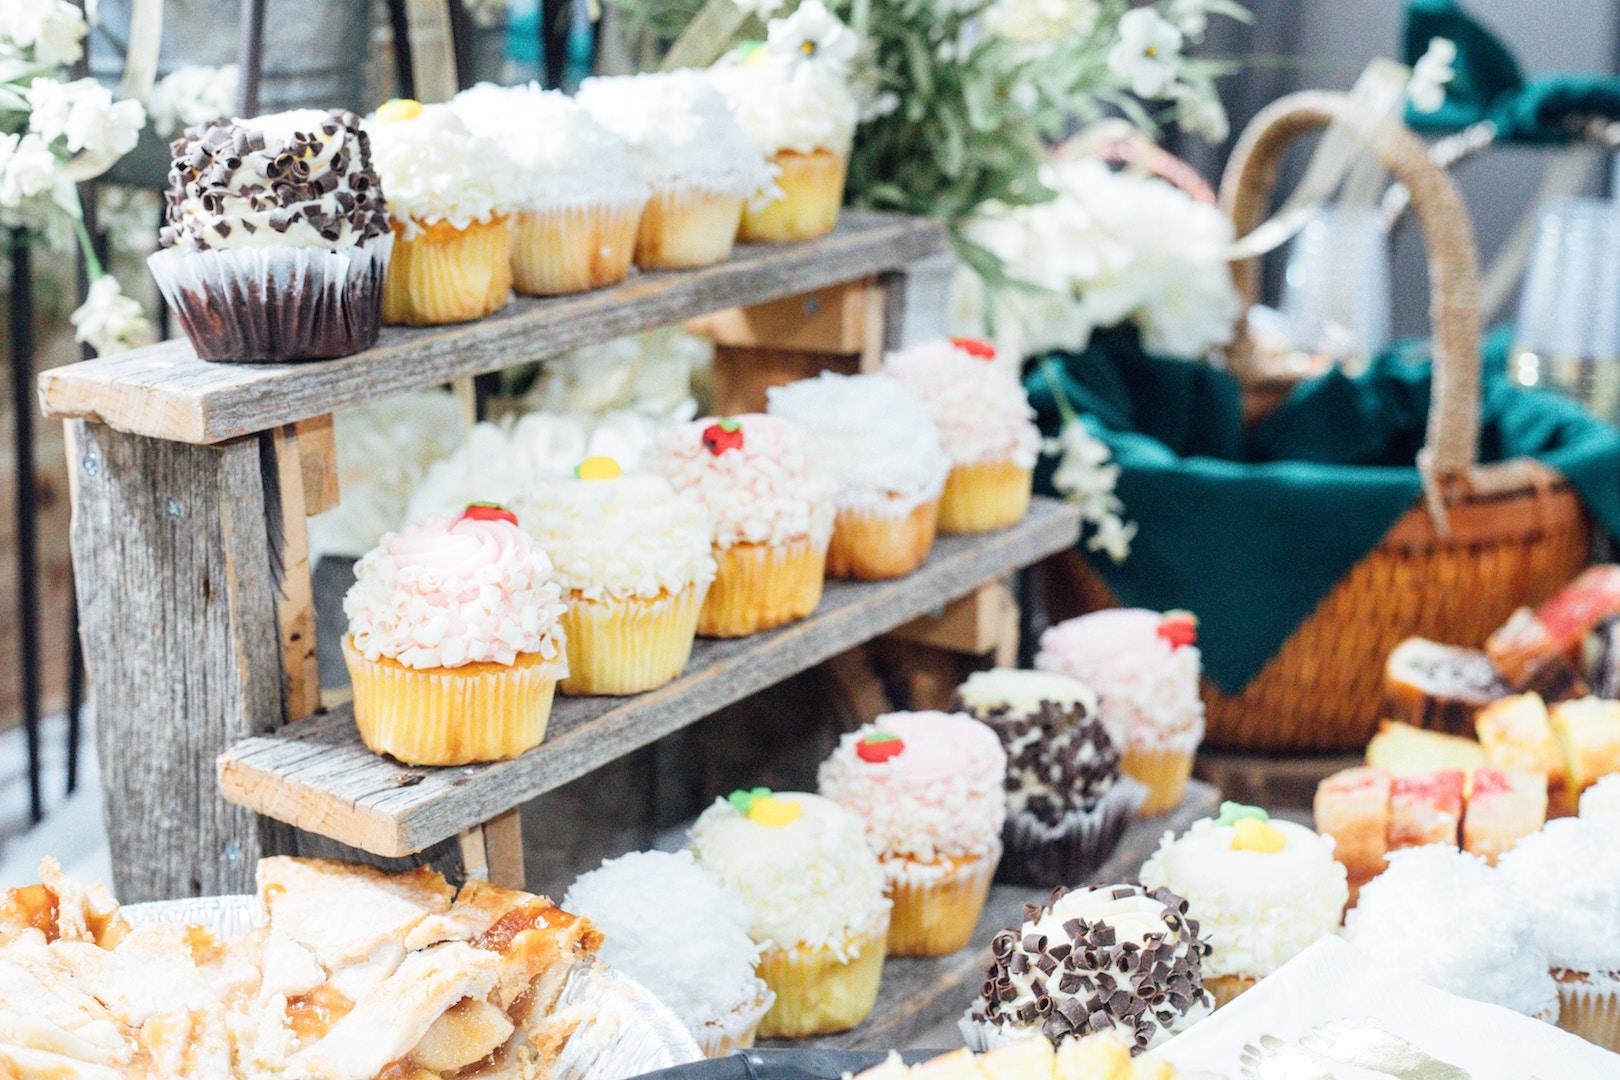 Pobudzające zapachy jedzeniowe do sklepu spożywczego zwiększą obroty.